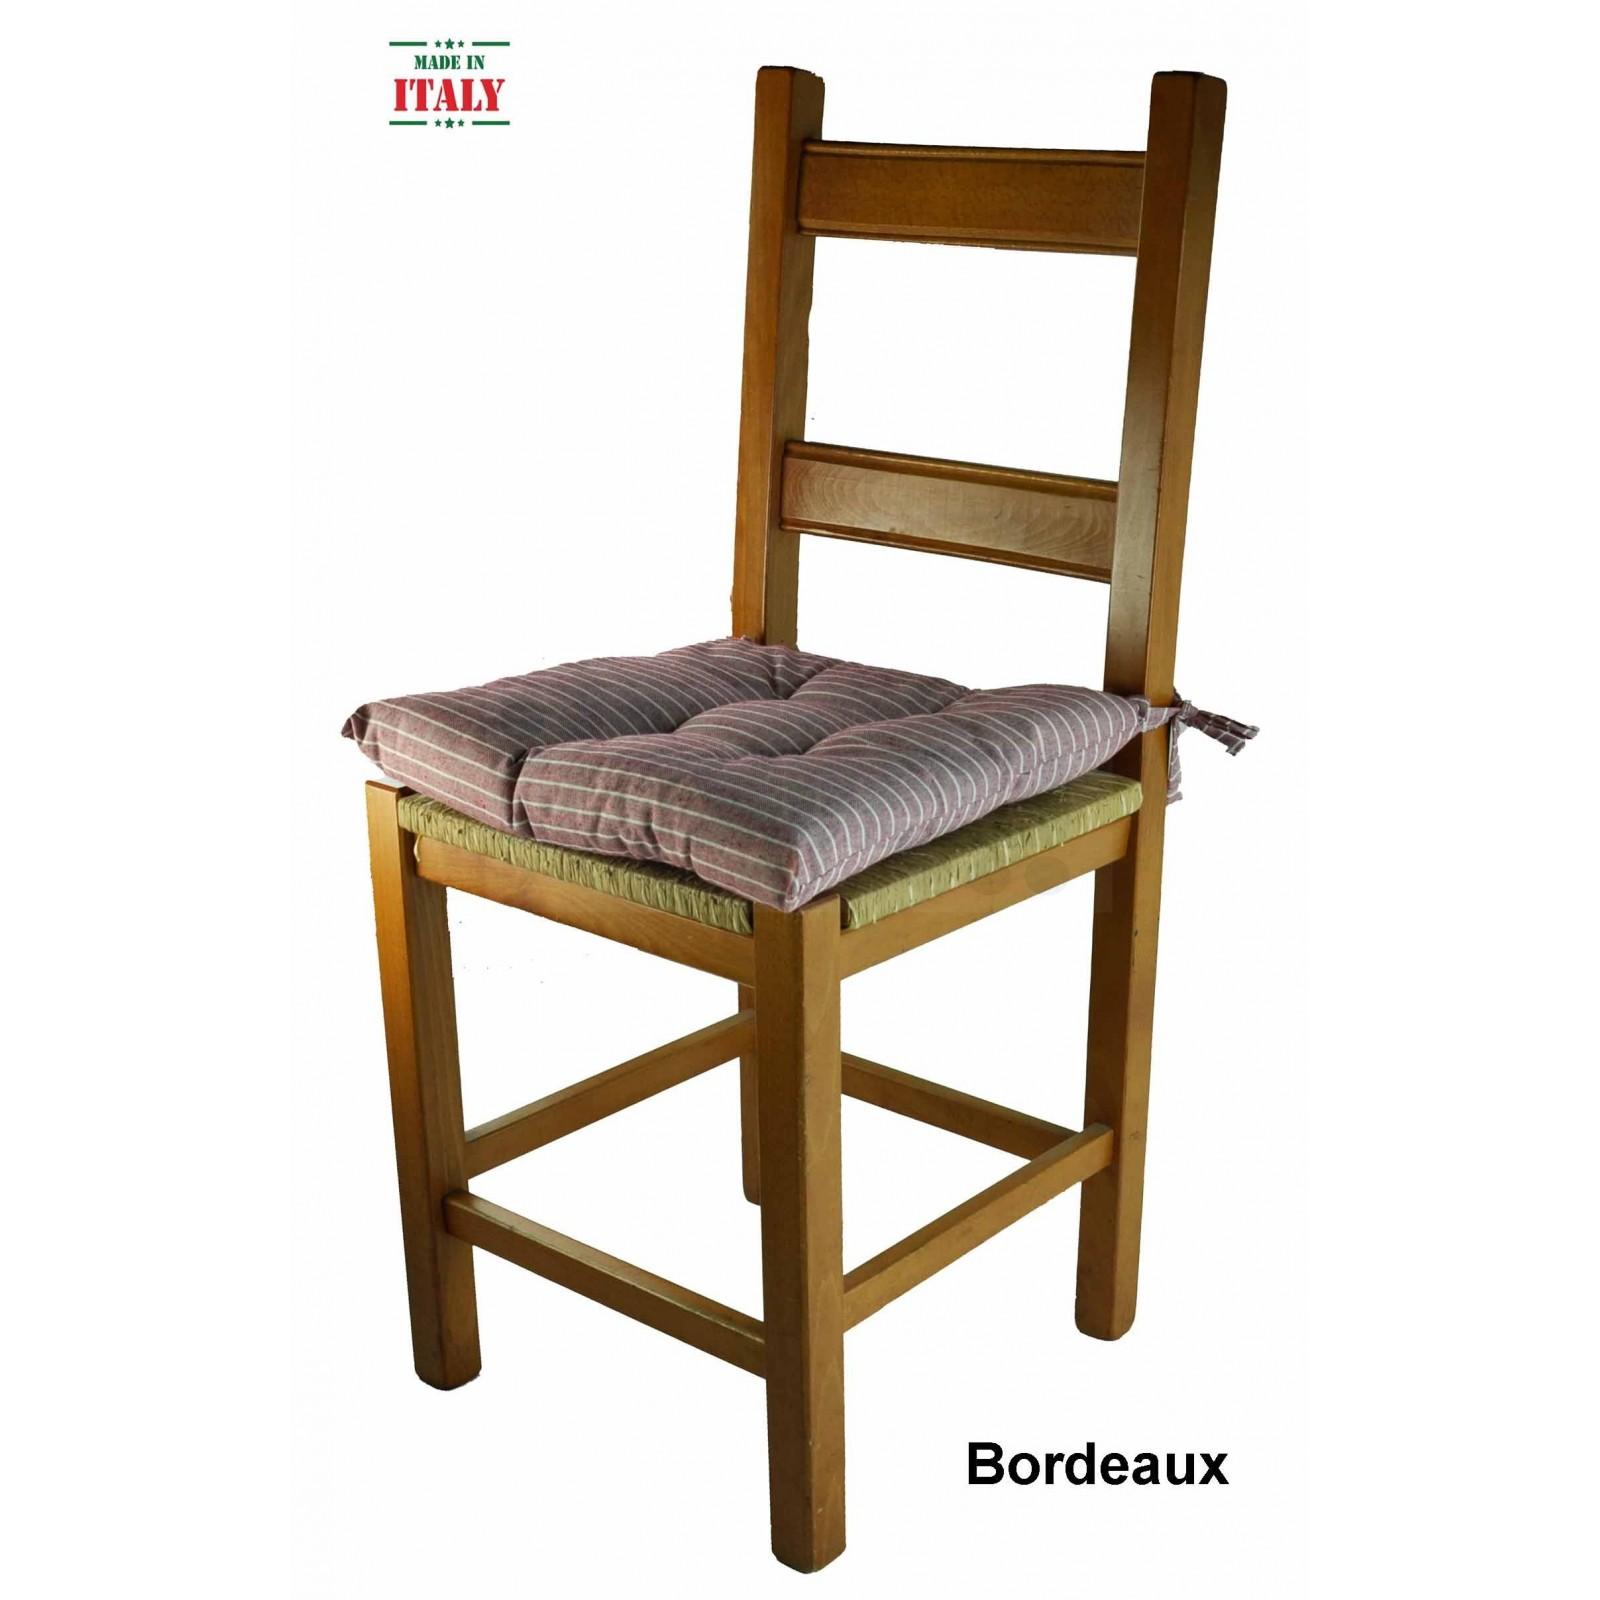 Cuscino per sedia morbidone 40x40 cm rigato casa tessile - Cuscino per sedia viola ...